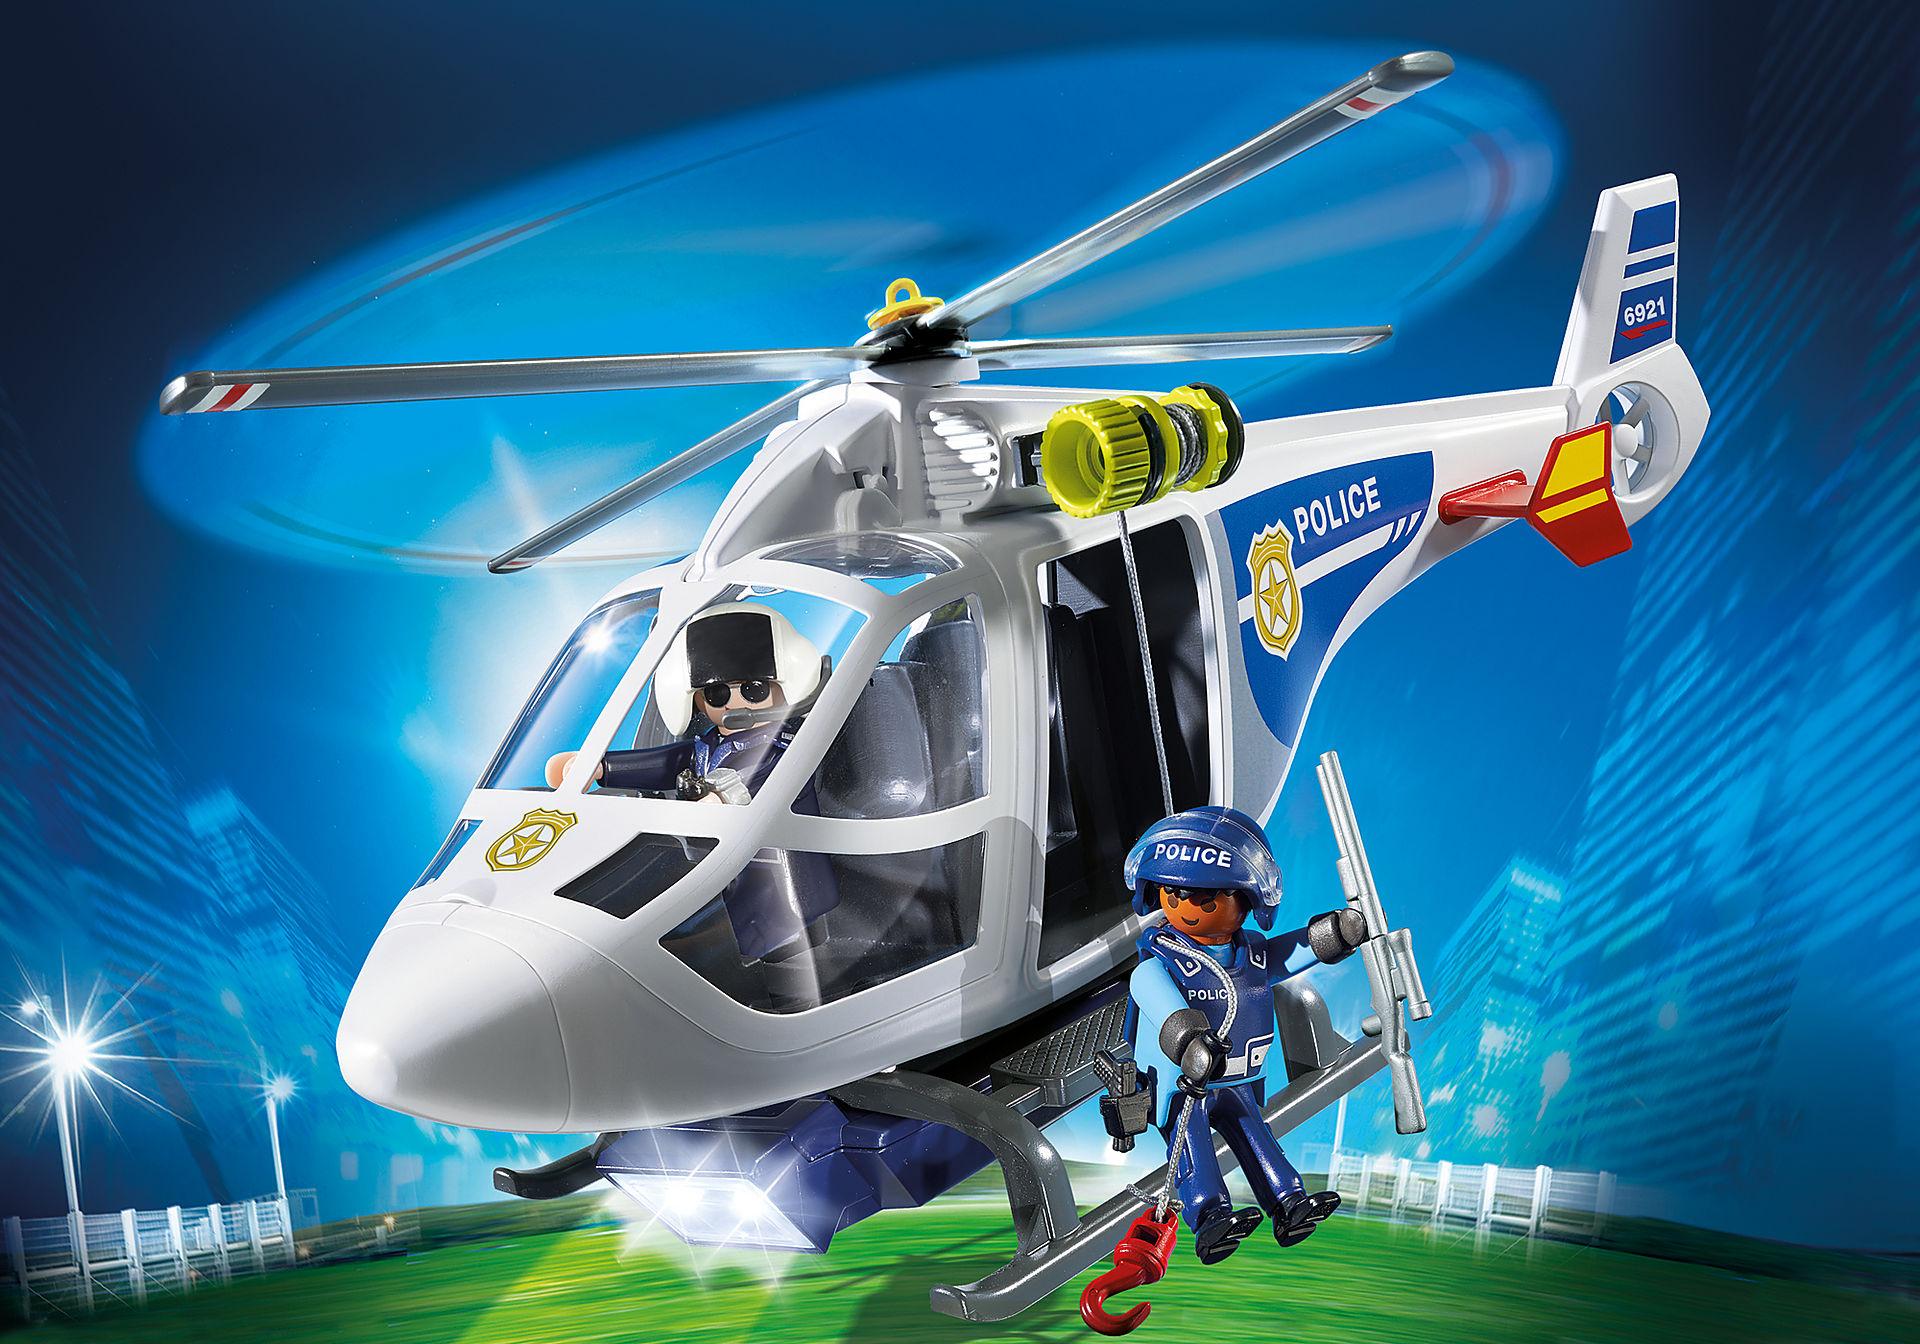 6921 Helikopter policyjny z reflektorem LED zoom image1